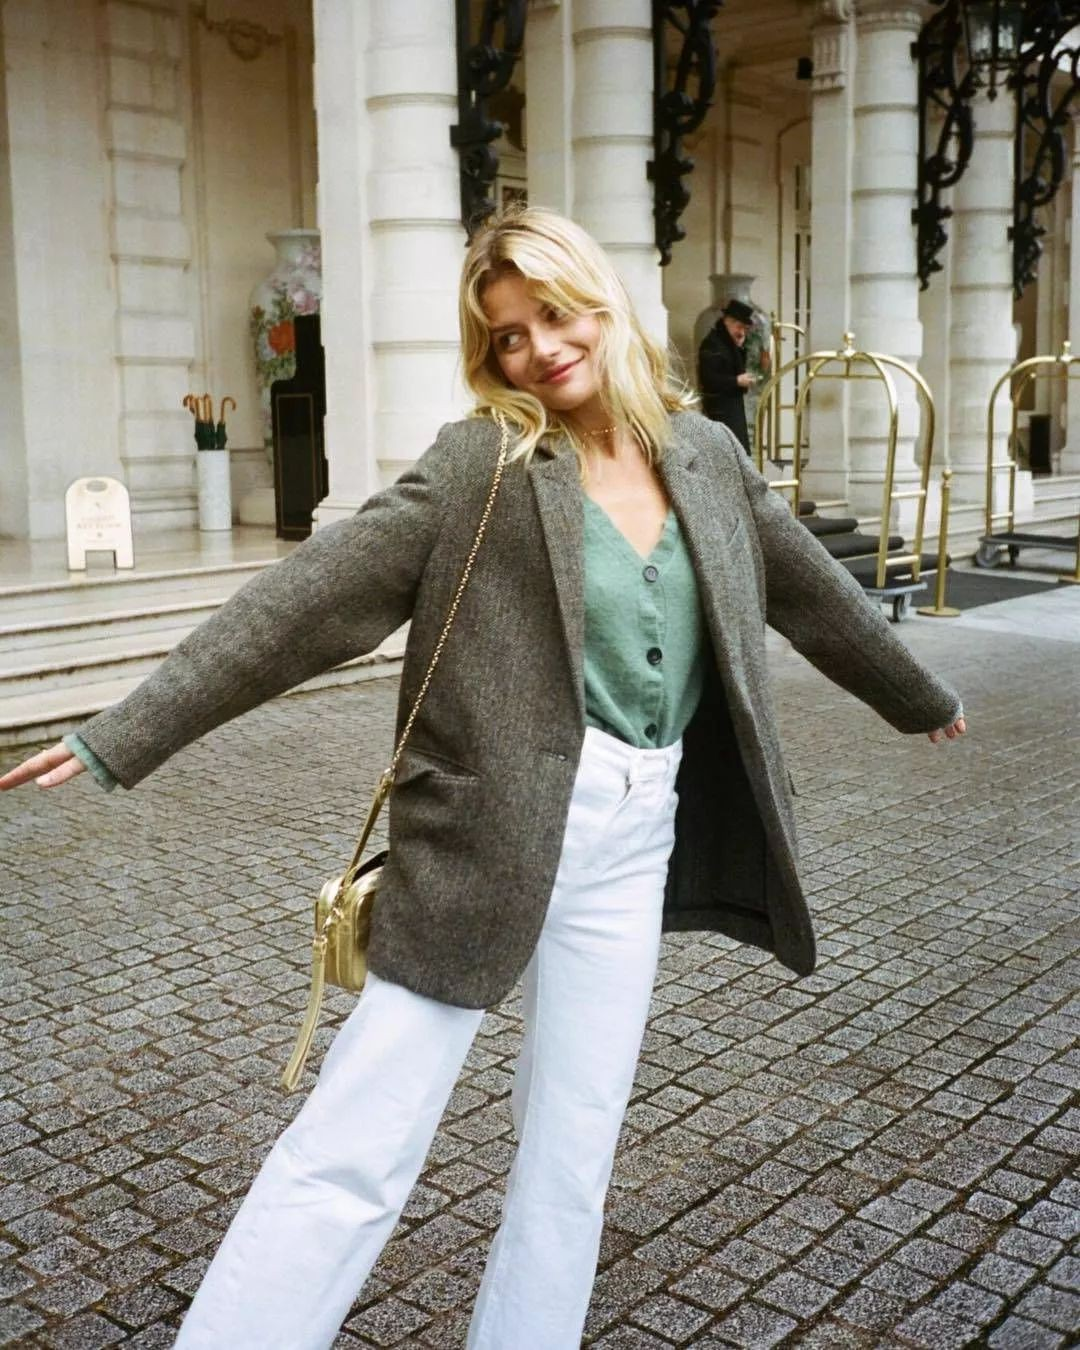 3 mẫu quần jeans bạn nên tậu gấp trước mùa lạnh này để luôn ghi điểm mặc đẹp - Ảnh 7